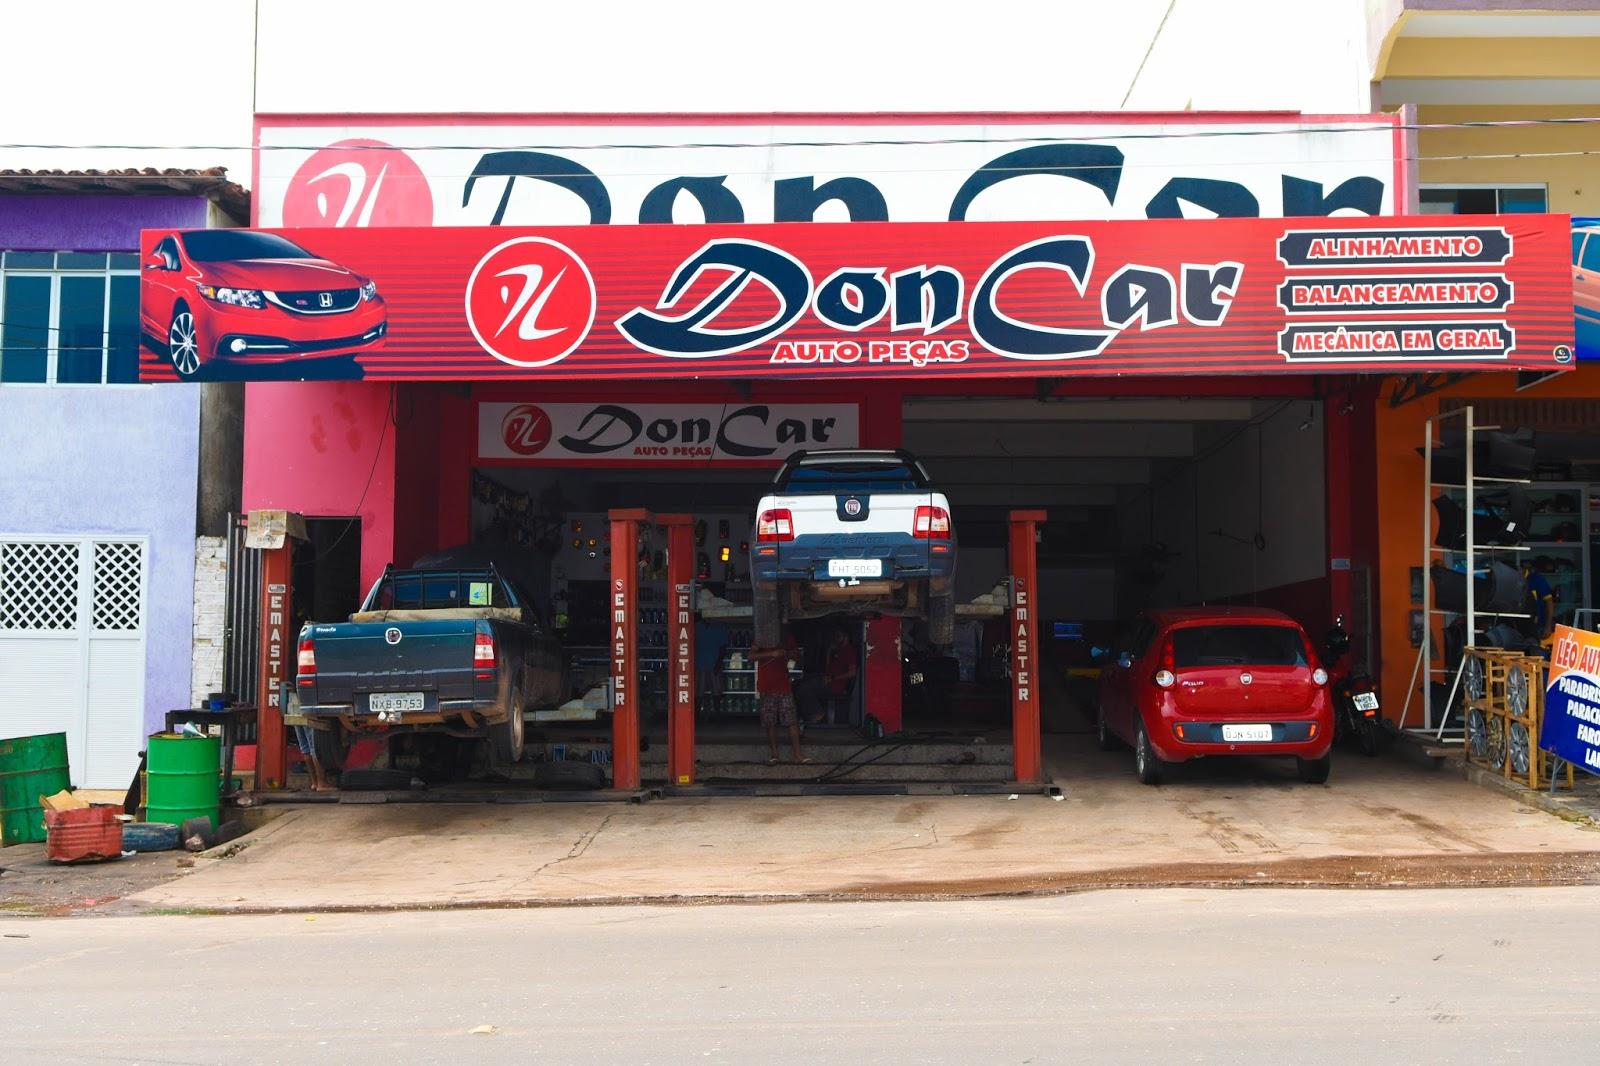 Don Car Autopeças